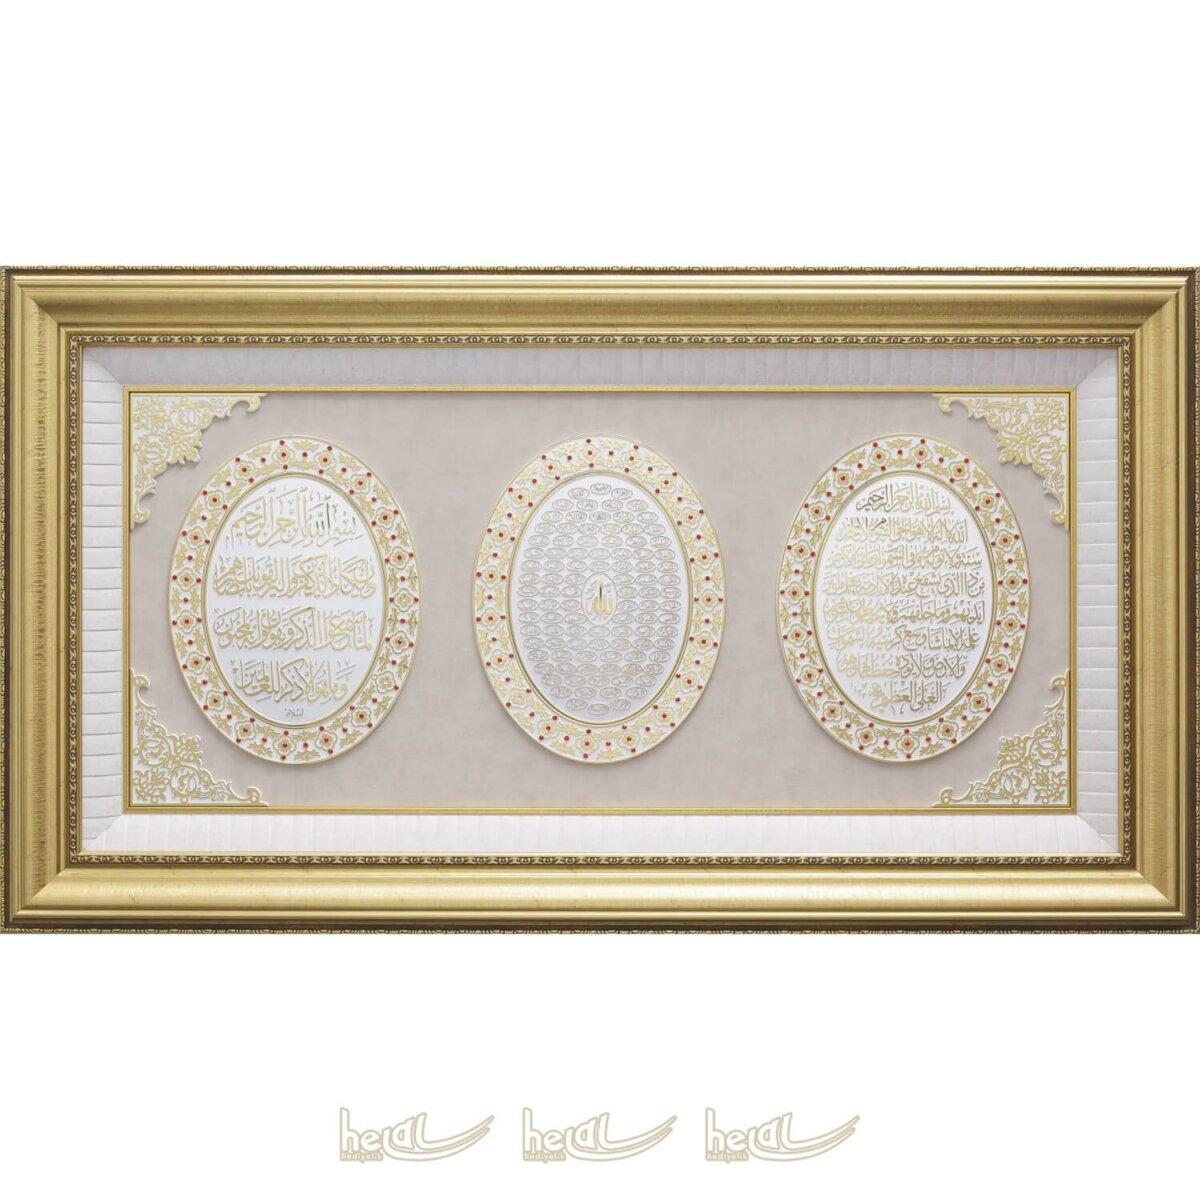 66x118cm Mega Boy Nazar Duası- Esmaül Hüsna- Ayetel Kürsi Yazılı 3′ lü Ayet Çerçeve Tablo Ayetli Tablolar